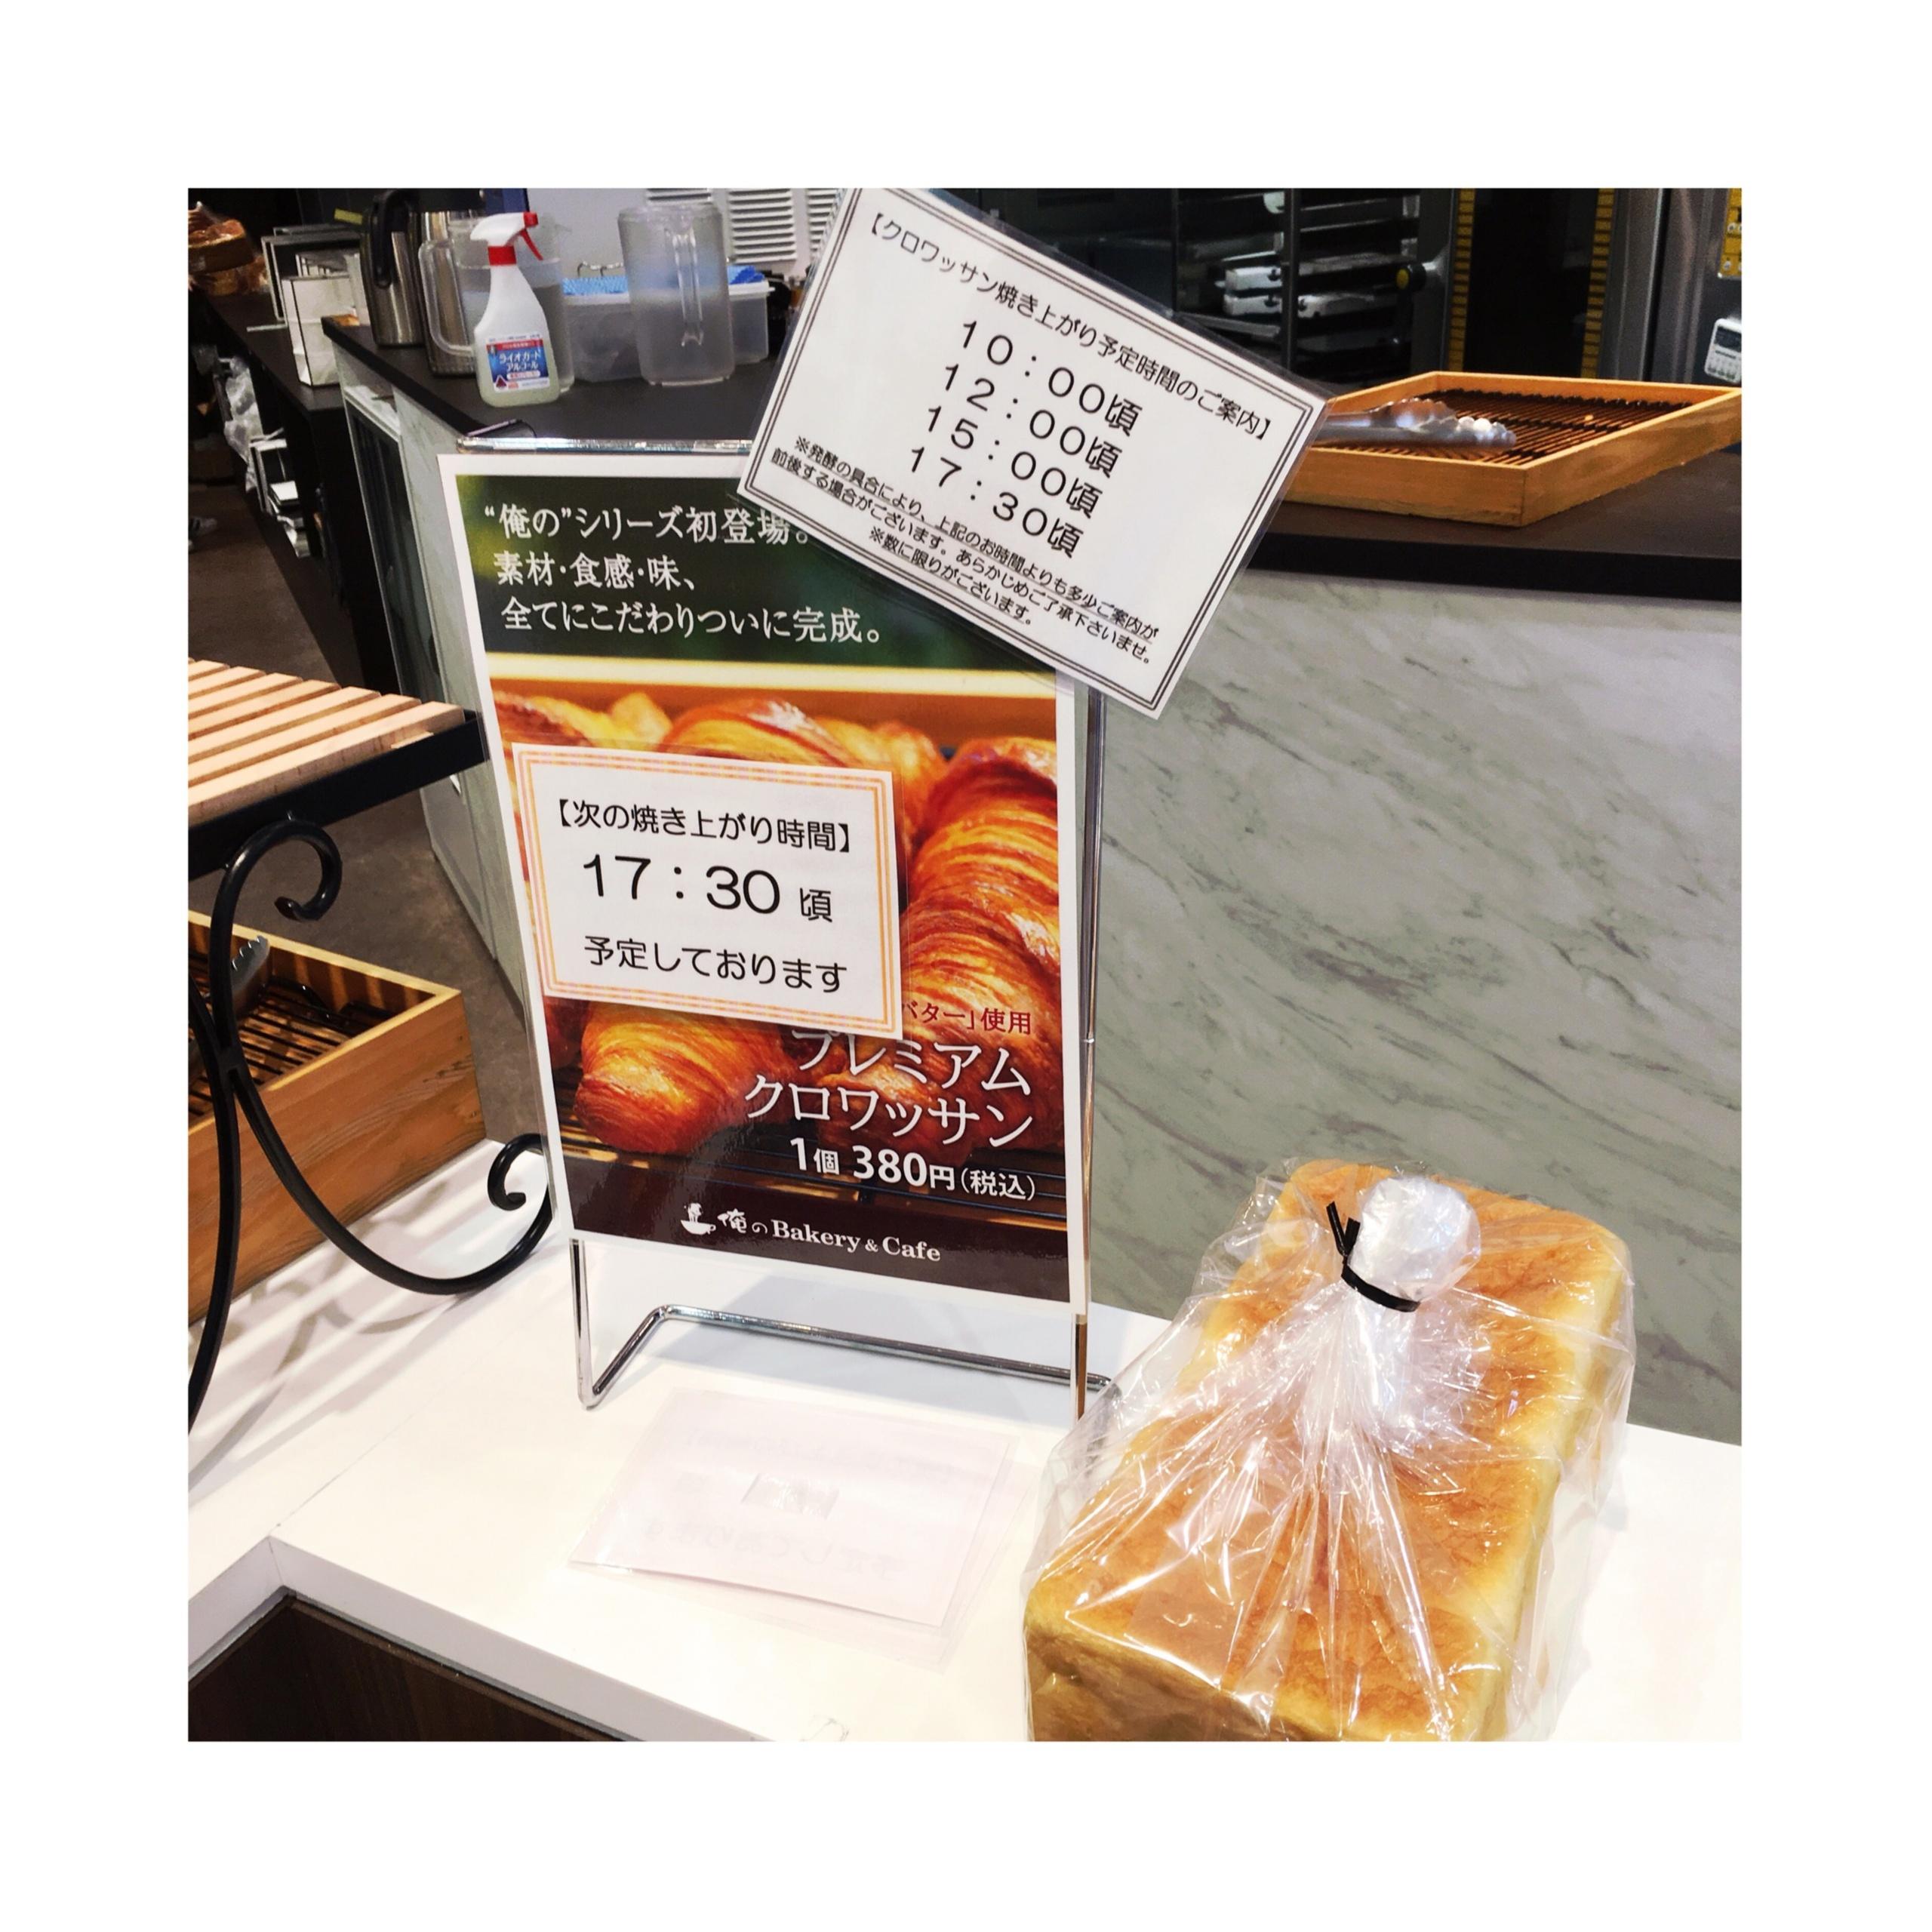 《ご当地MORE★東京》焼き上がりは1日4回!あのECHIREバターを使った【俺のBakery&Cafe】プレミアムクロワッサンがおいしすぎる❤️_3